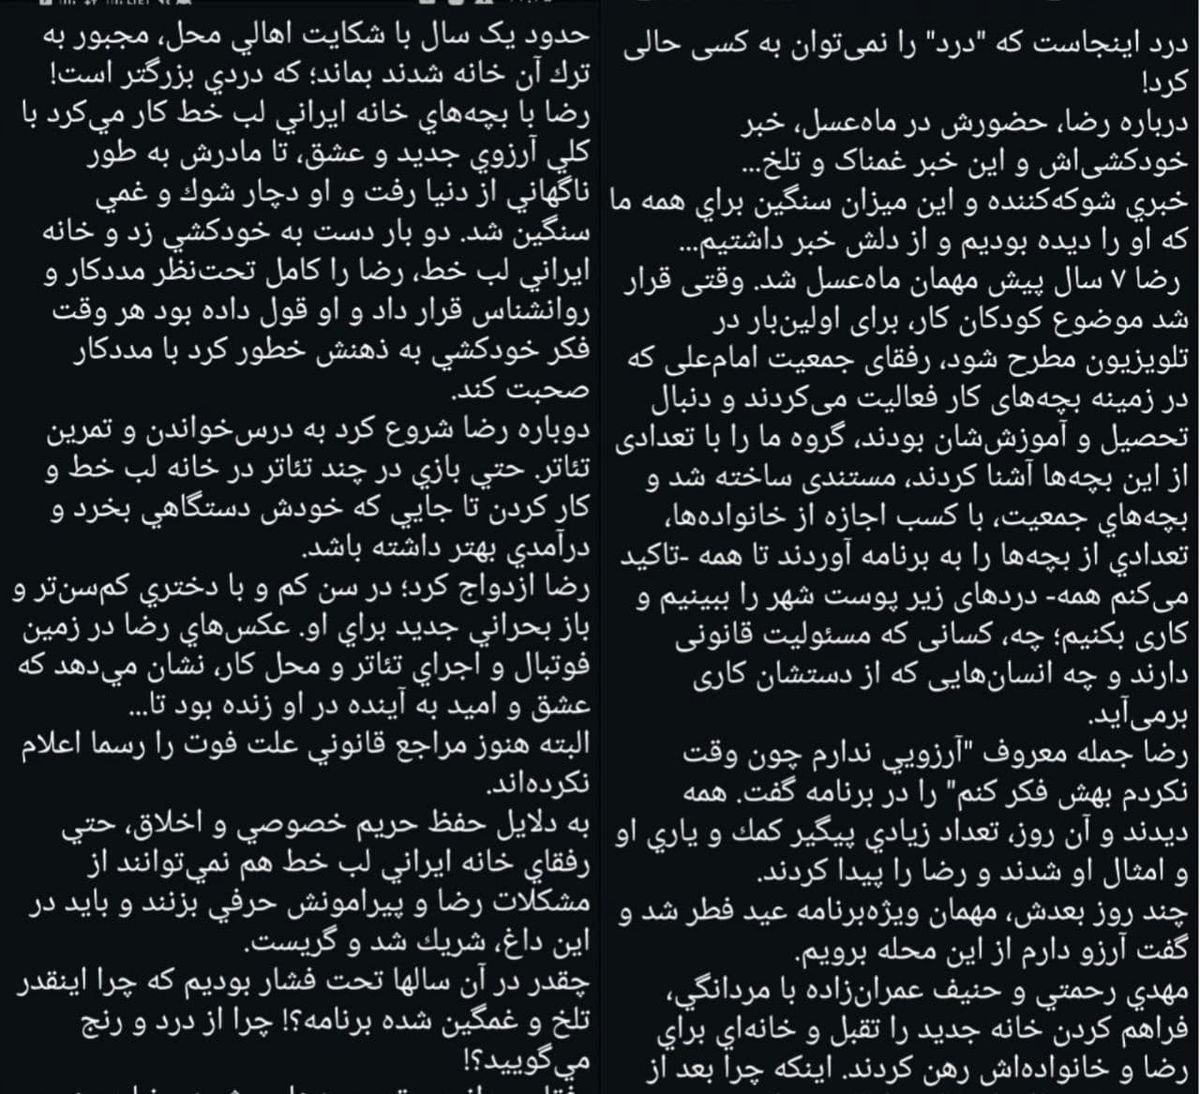 واکنش احساسی احسان علیخانی به خبر خودکشی کودک کار معروف+عکس